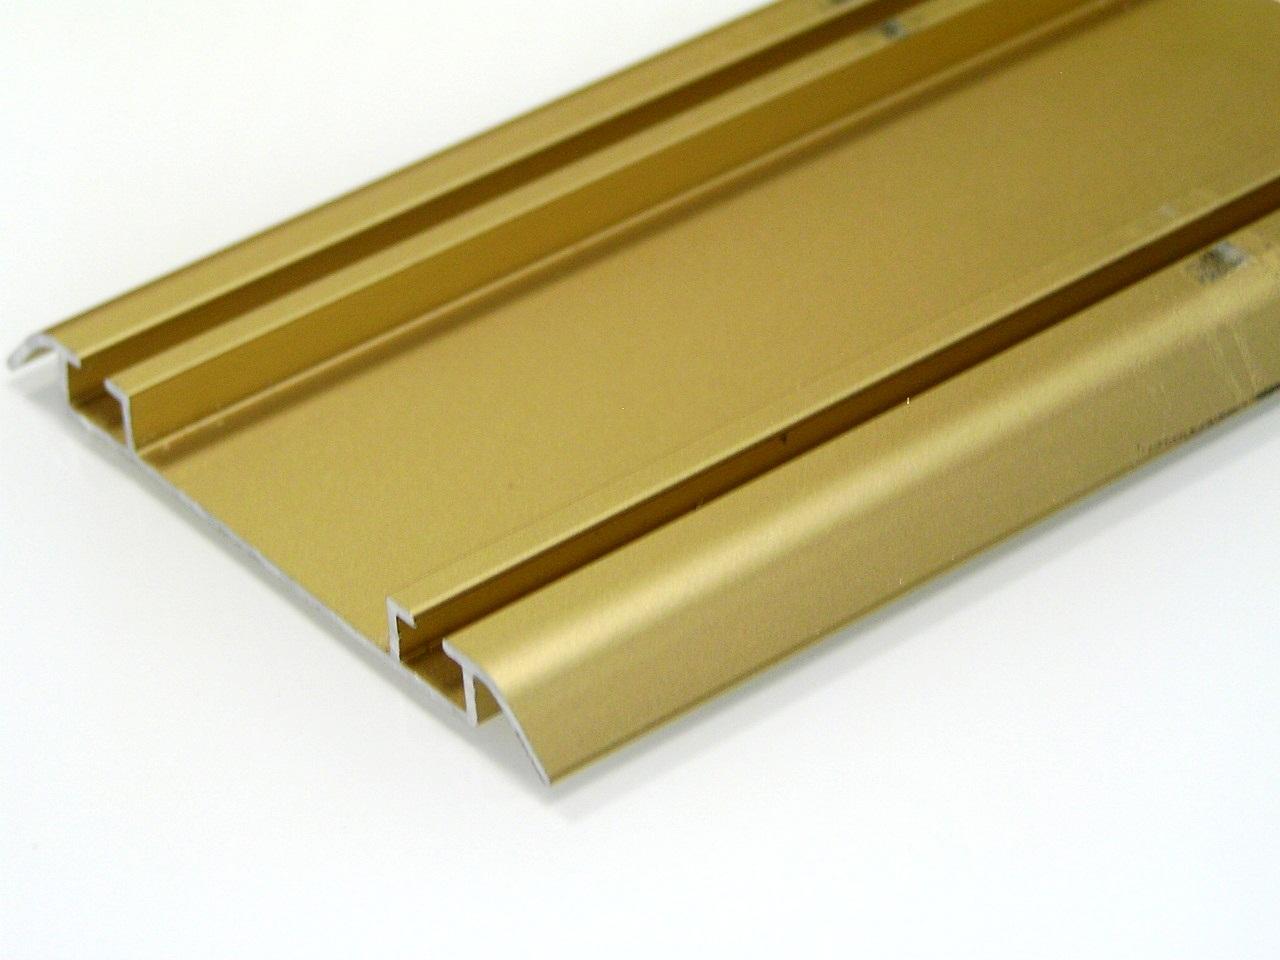 АФ Рельс двойной нижний 250, золото белое, 6000мм